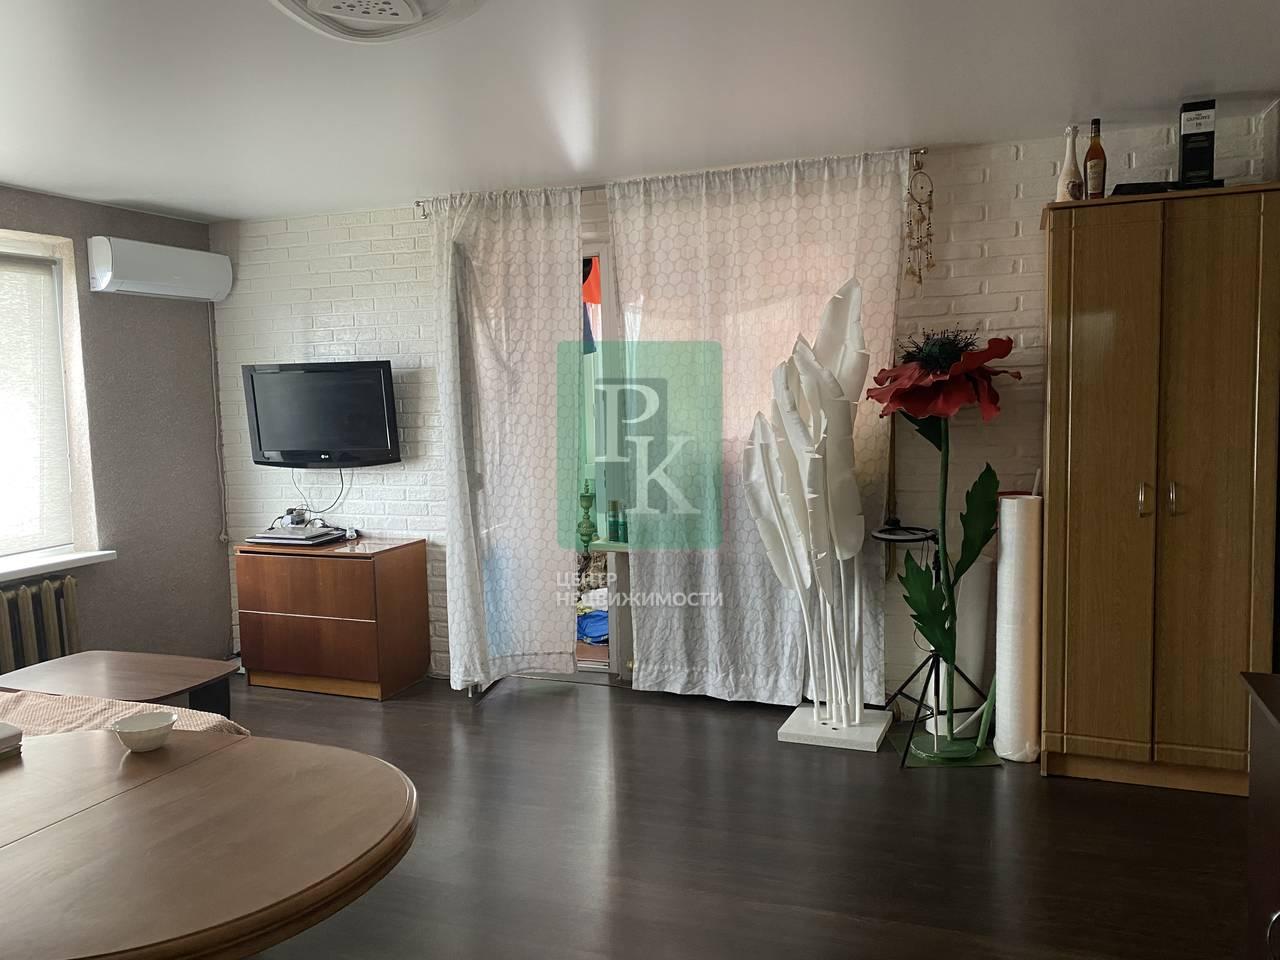 Продаётся однокомнатная квартира 43,1м² на Генерала Острякова 212  5/9эт.